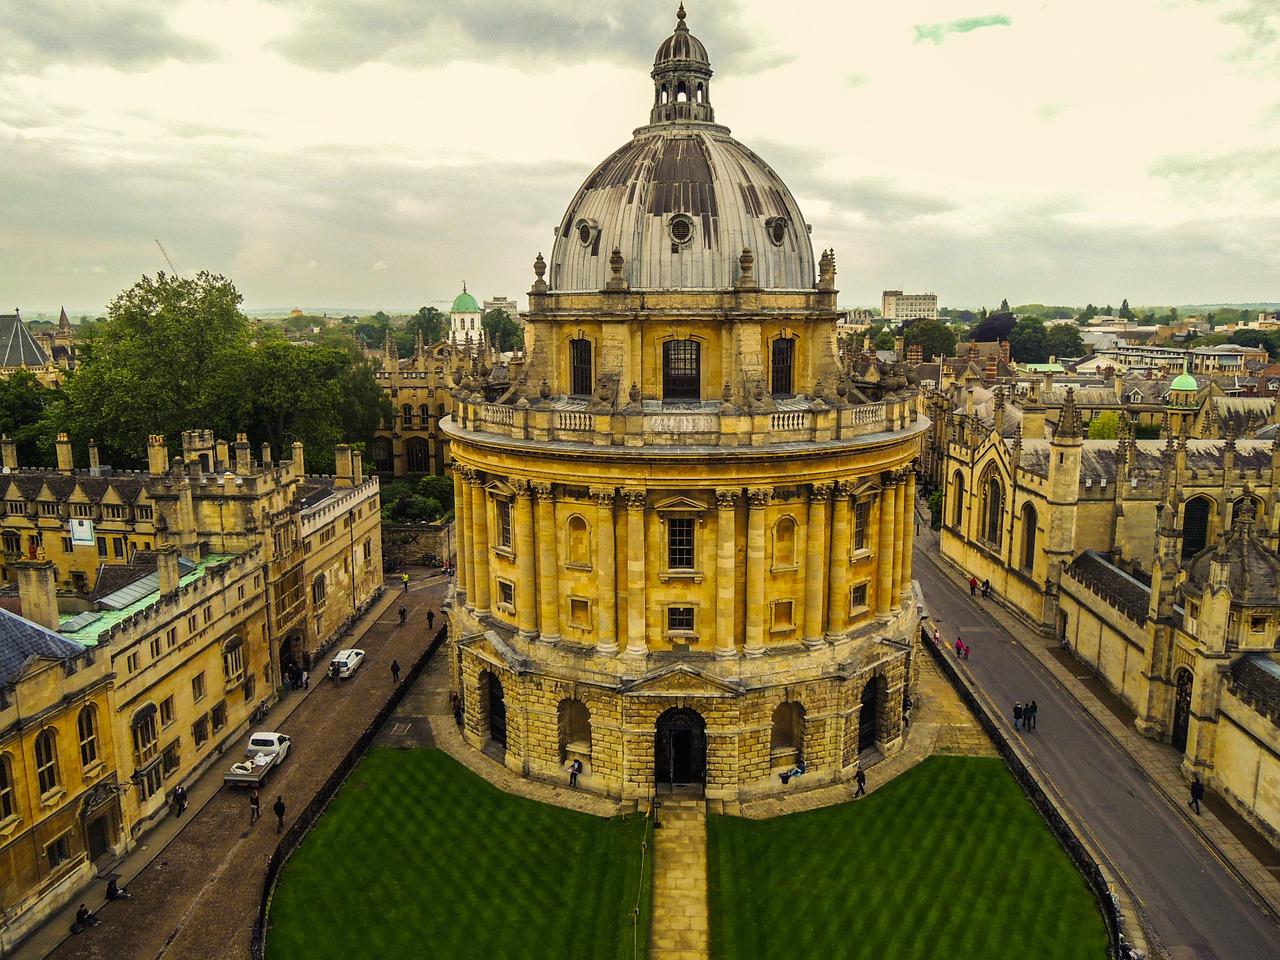 Voyage à Oxford, une des plus prestigieuses universités du monde